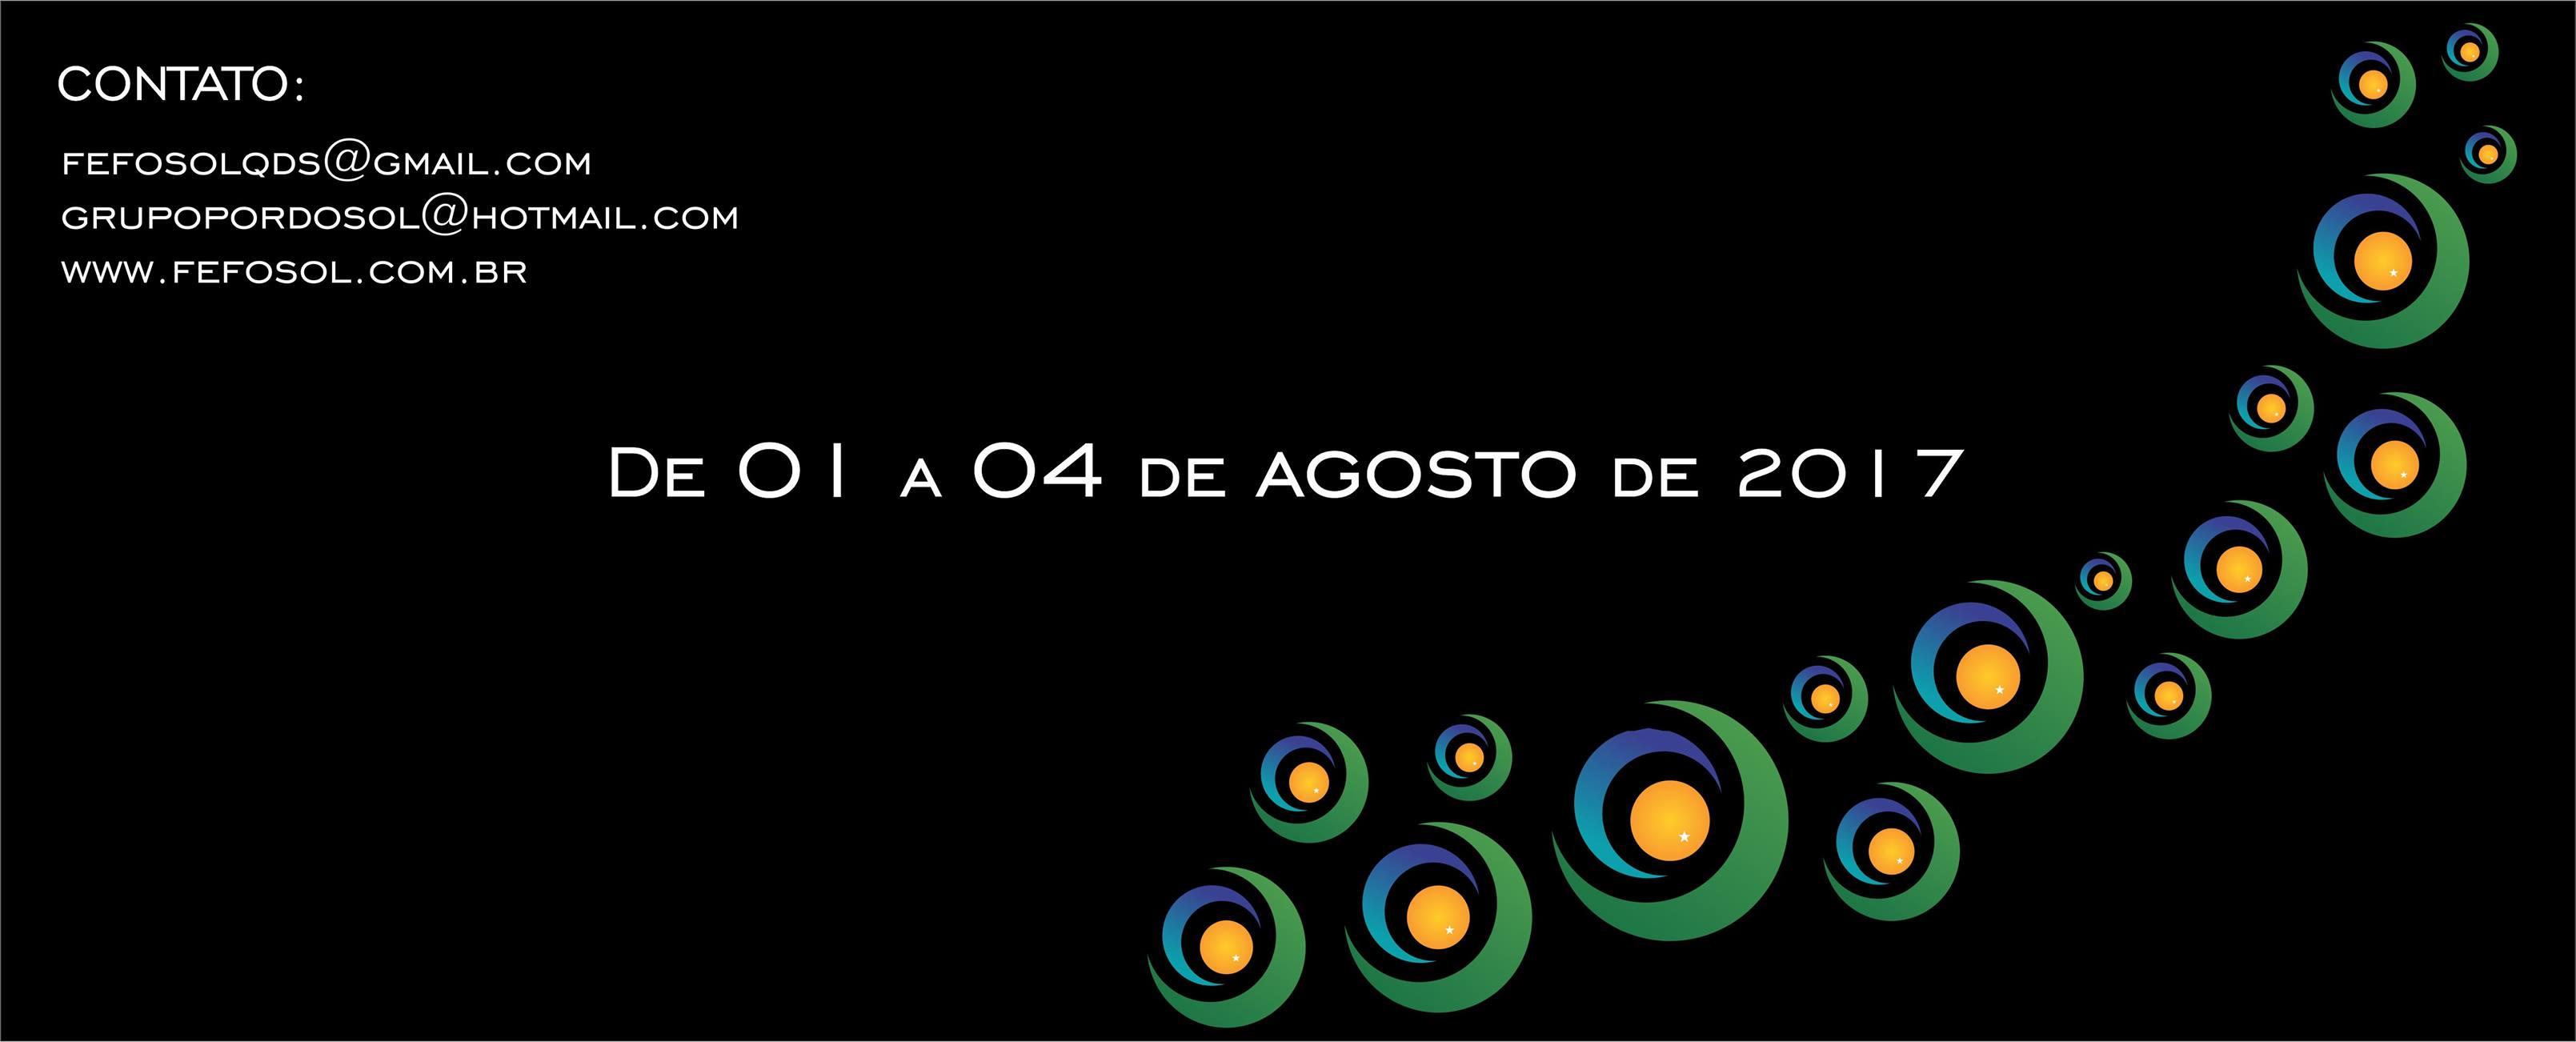 Fefosol- Festival de Folclore - Quinta do Sol